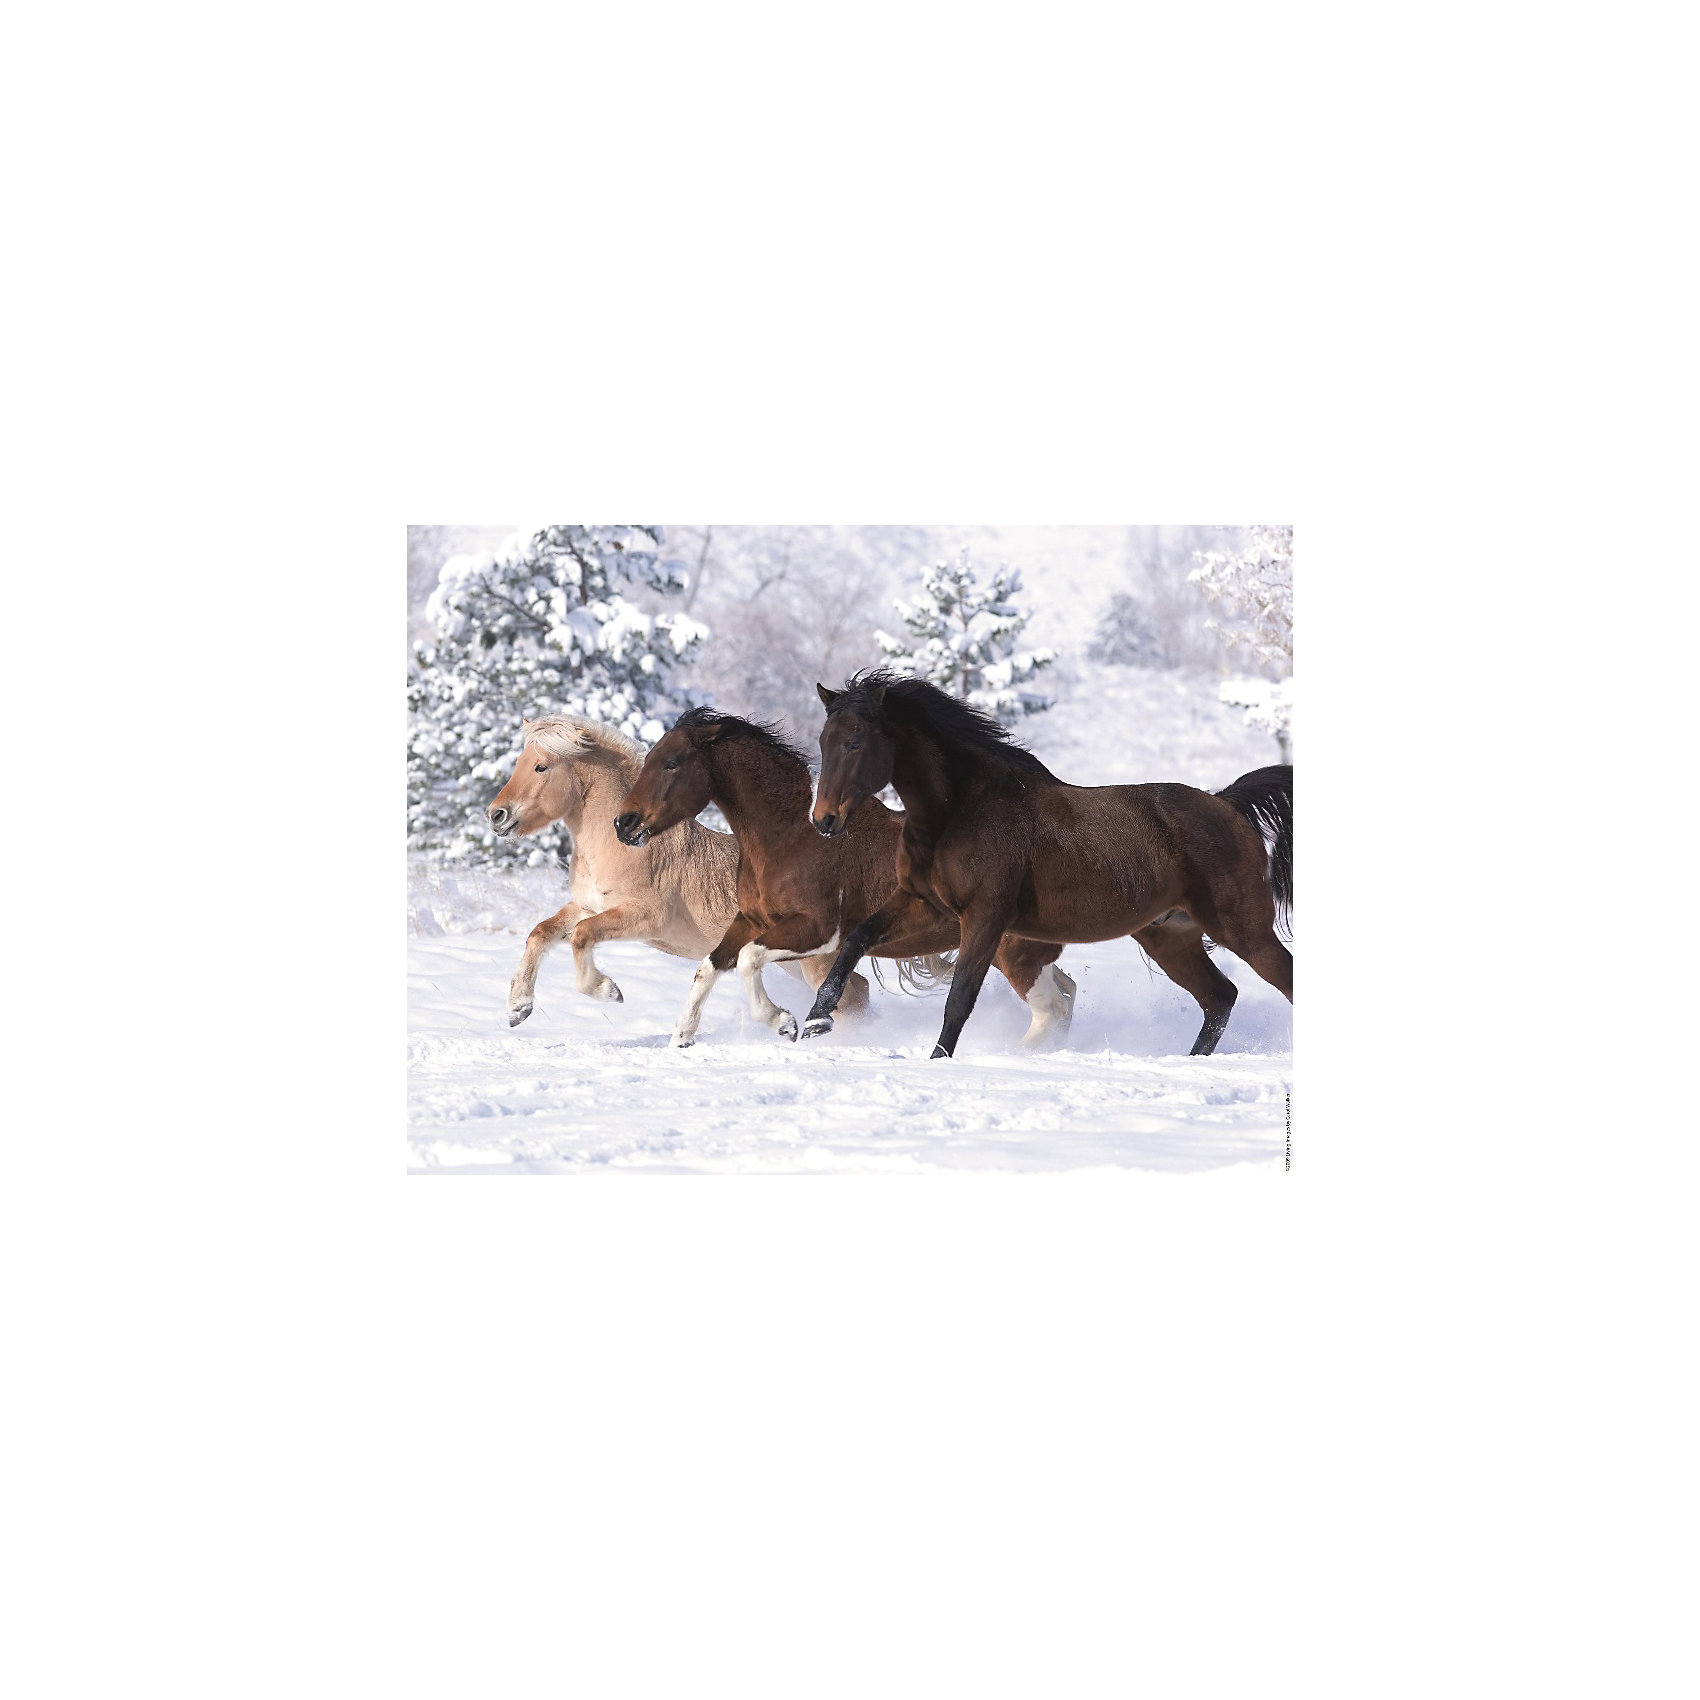 Пазл «Галопом по снегу» 500 деталей, RavensburgerПазл «Галопом по снегу» 500 деталей, Ravensburger (Равенсбургер) – это пазл отличного качества с яркими красками и реалистичной картинкой.<br>Собрав пазл «Галопом по снегу» вы получите замечательный постер с изображением тройки лошадей, скачущих вдоль заснеженного леса. Каждая деталь пазла имеет свою форму и подходит только на свое место. Нет двух одинаковых деталей! Пазл изготовлен из картона высочайшего качества. Softclick технология гарантирует 100% соединение деталей. Детали не деформируются и не расслаиваются при сборке. Матовая поверхность приятна на ощупь и не отбрасывает блики на свету. Все изображения аккуратно отсканированы и напечатаны на ламинированной бумаге. Пазл - великолепная игра для семейного досуга. Сегодня собирание пазлов стало особенно популярным, главным образом, благодаря своей многообразной тематике, способной удовлетворить самый взыскательный вкус. А для детей это не только интересно, но и полезно. Собирание пазла развивает мелкую моторику у ребенка, тренирует наблюдательность, логическое мышление, знакомит с окружающим миром, с цветом и разнообразными формами.<br><br>Дополнительная информация:<br><br>- Количество деталей: 500 шт.<br>- Размер картинки: 49 х 36 см.<br>- Материал: картон<br>- Размер упаковки: 34 х 23 х 4 см.<br>- Вес: 579 гр.<br><br>Пазл «Галопом по снегу» 500 деталей, Ravensburger (Равенсбургер) можно купить в нашем интернет-магазине.<br><br>Ширина мм: 340<br>Глубина мм: 230<br>Высота мм: 40<br>Вес г: 579<br>Возраст от месяцев: 96<br>Возраст до месяцев: 192<br>Пол: Унисекс<br>Возраст: Детский<br>Количество деталей: 500<br>SKU: 4214574